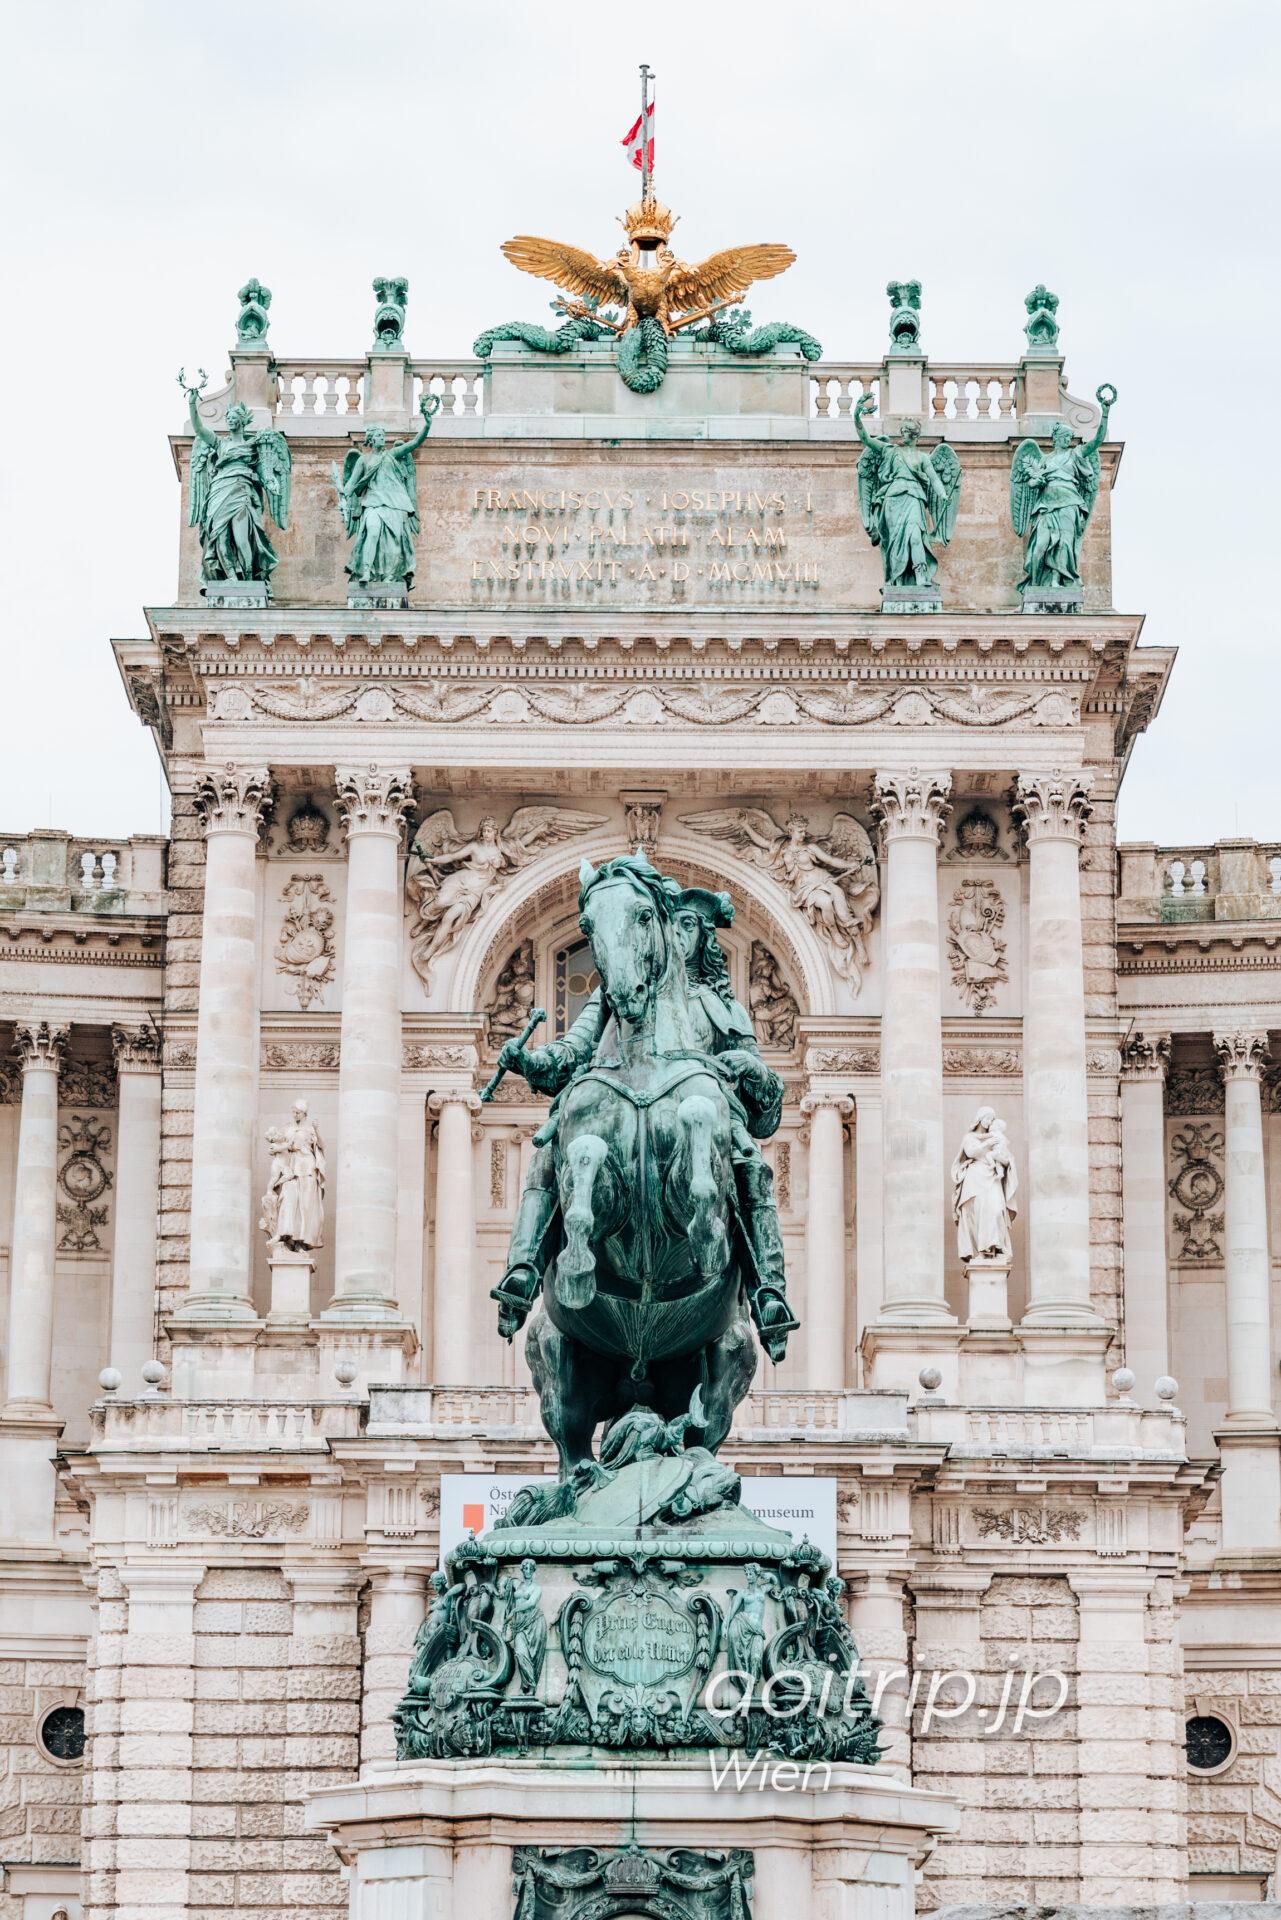 オーストリア ウィーン観光の見どころ Wien, Austria